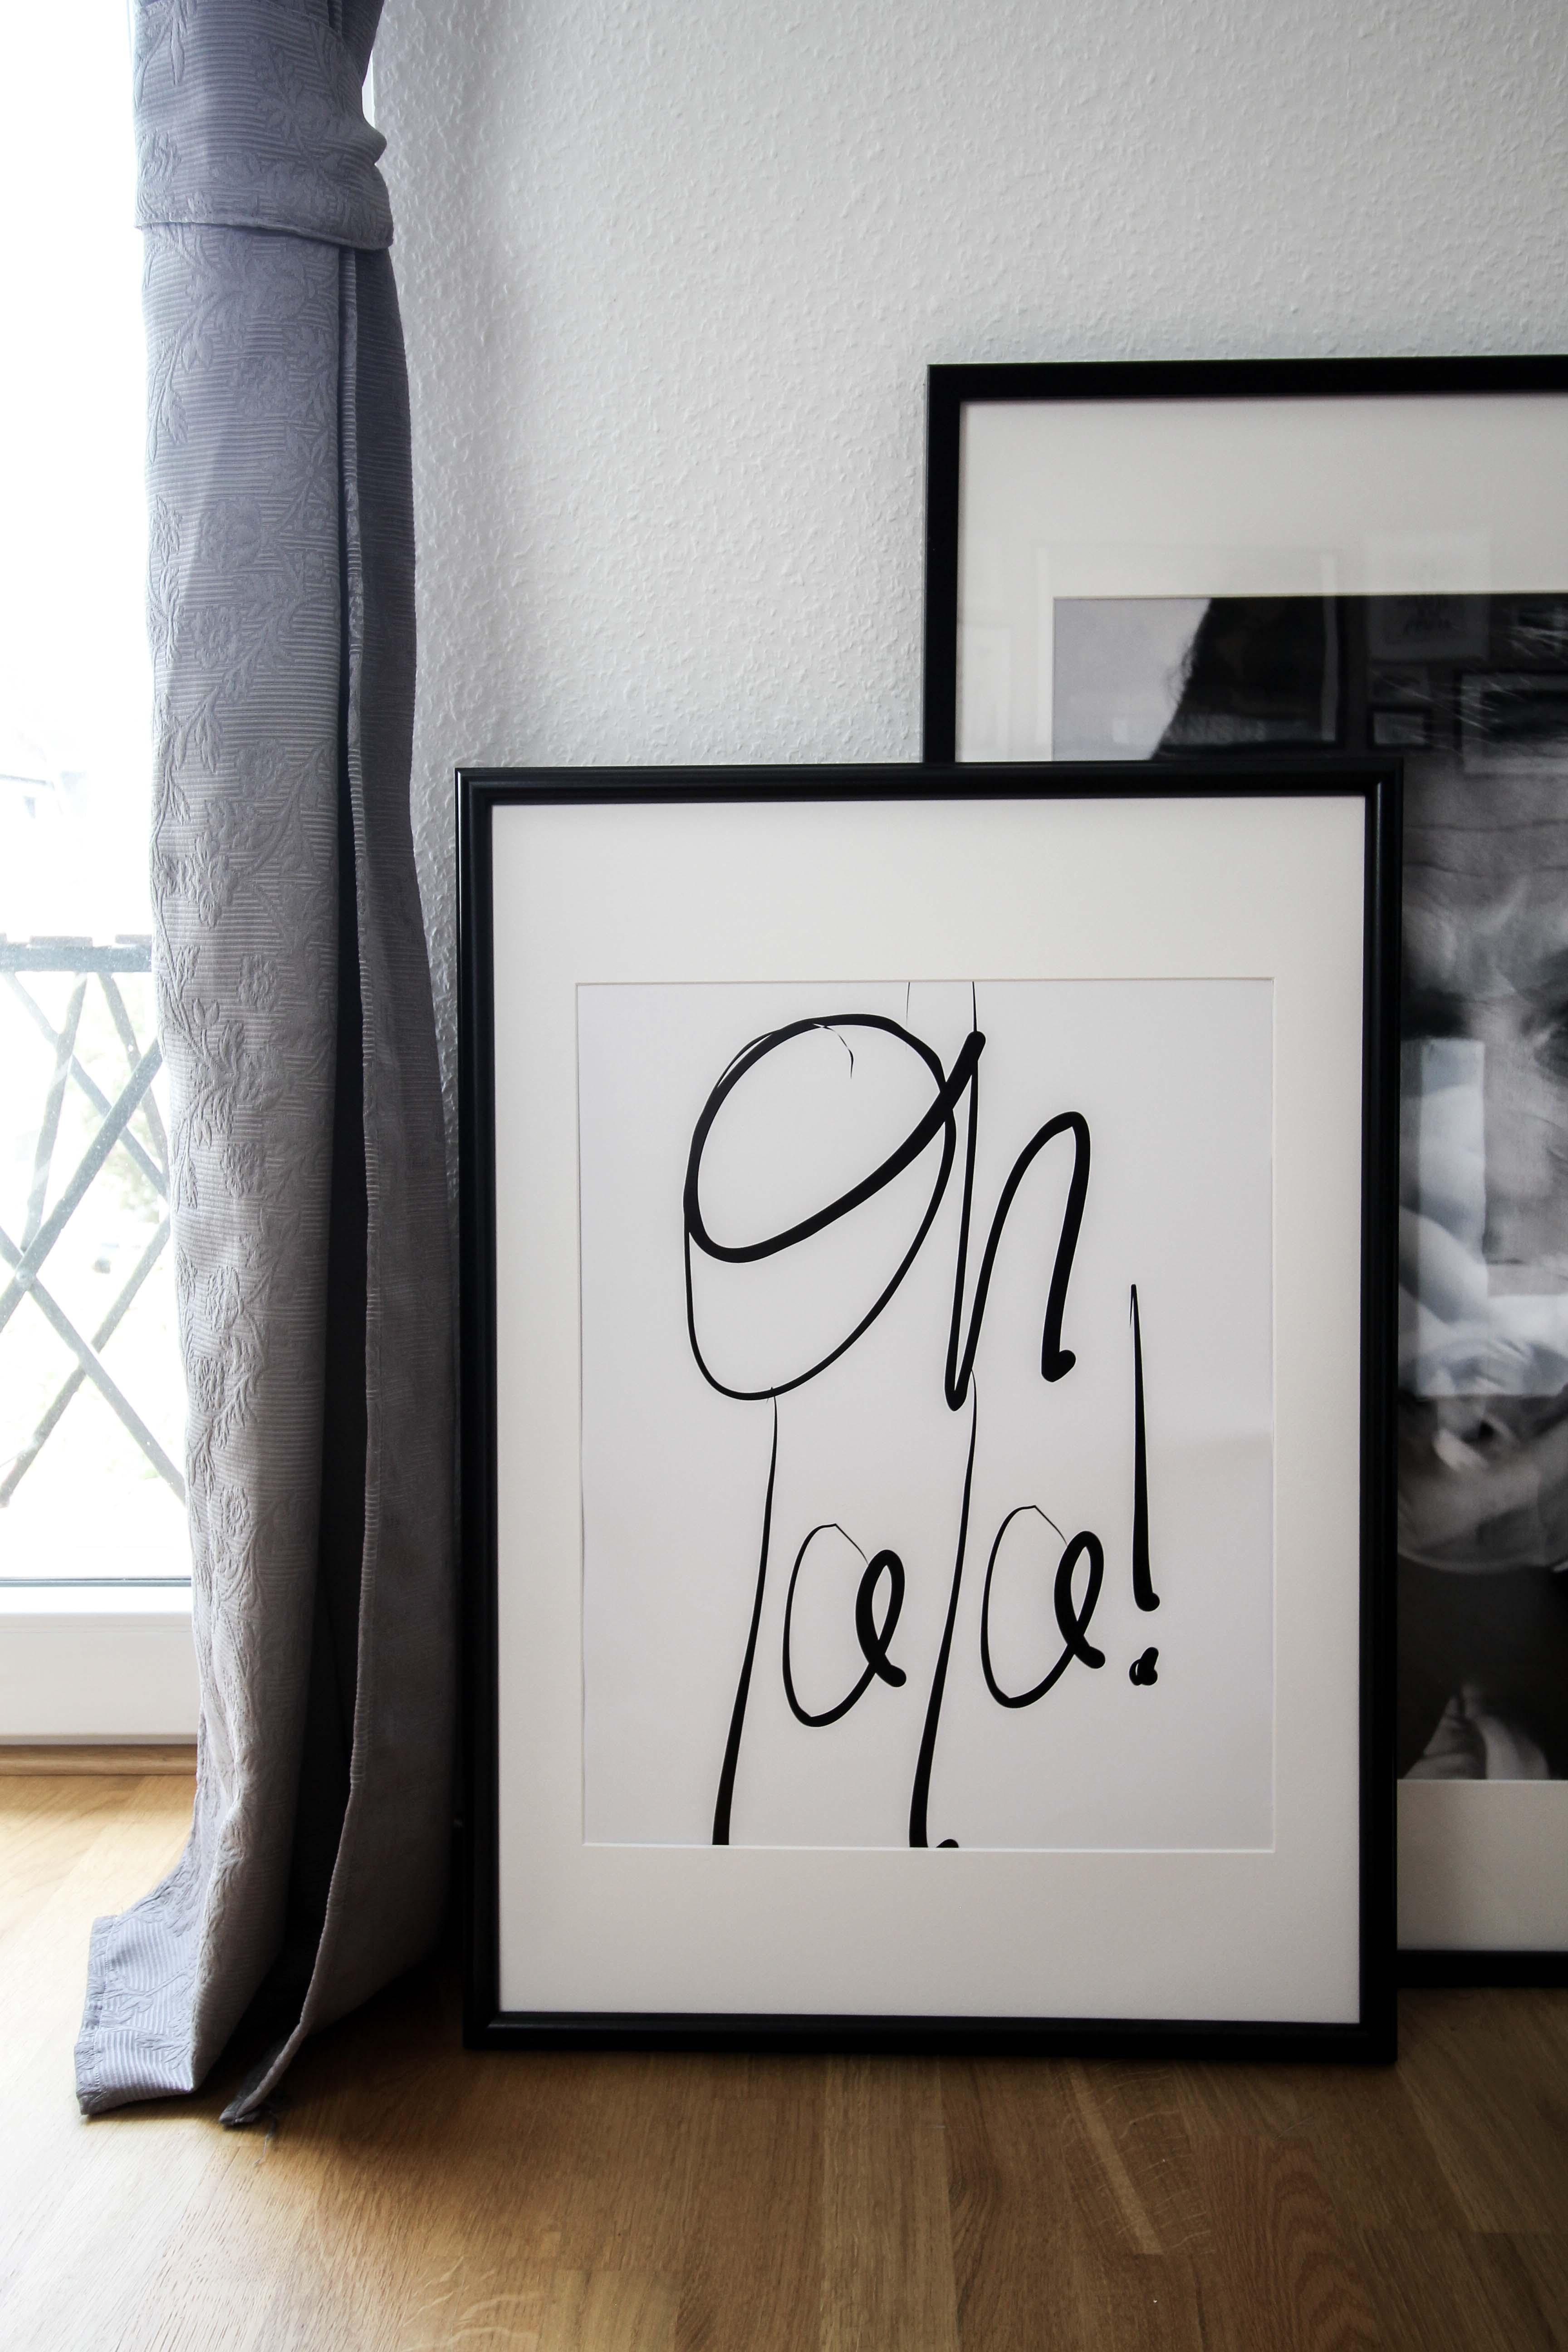 Interior Update Minimalistische Schwarz Weiß Fotografie Poster Posterlounge Einrichtung Oh la la Bild Wohnzimmer James Bond 007